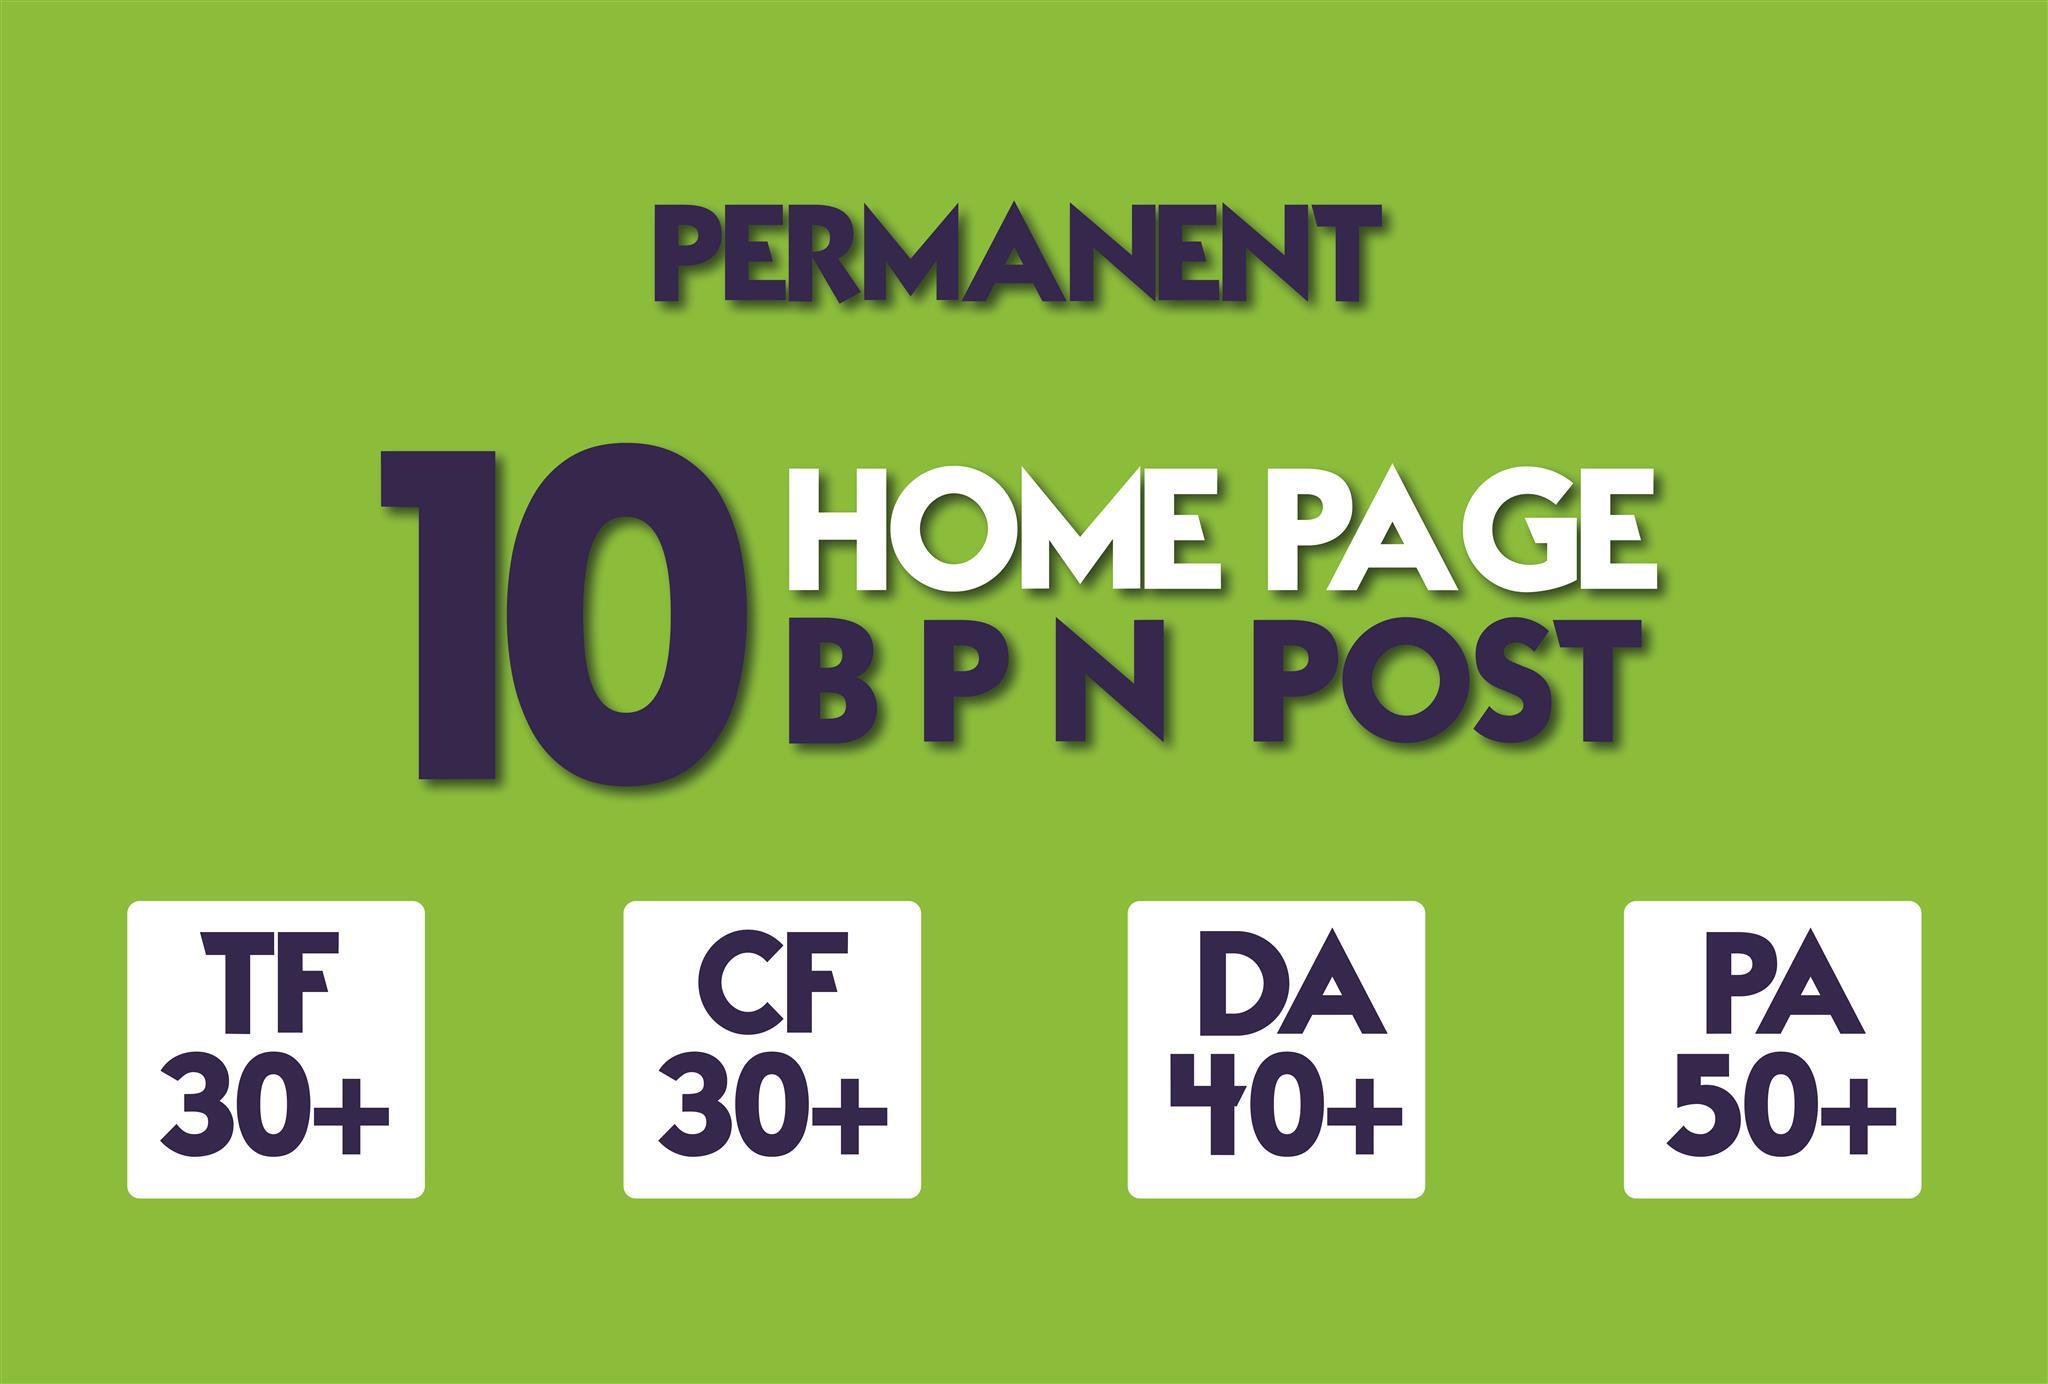 Create 10 Manual HIGH TF CF 30+ DA 35+ PA 45+ Dofollow PBN Backlinks